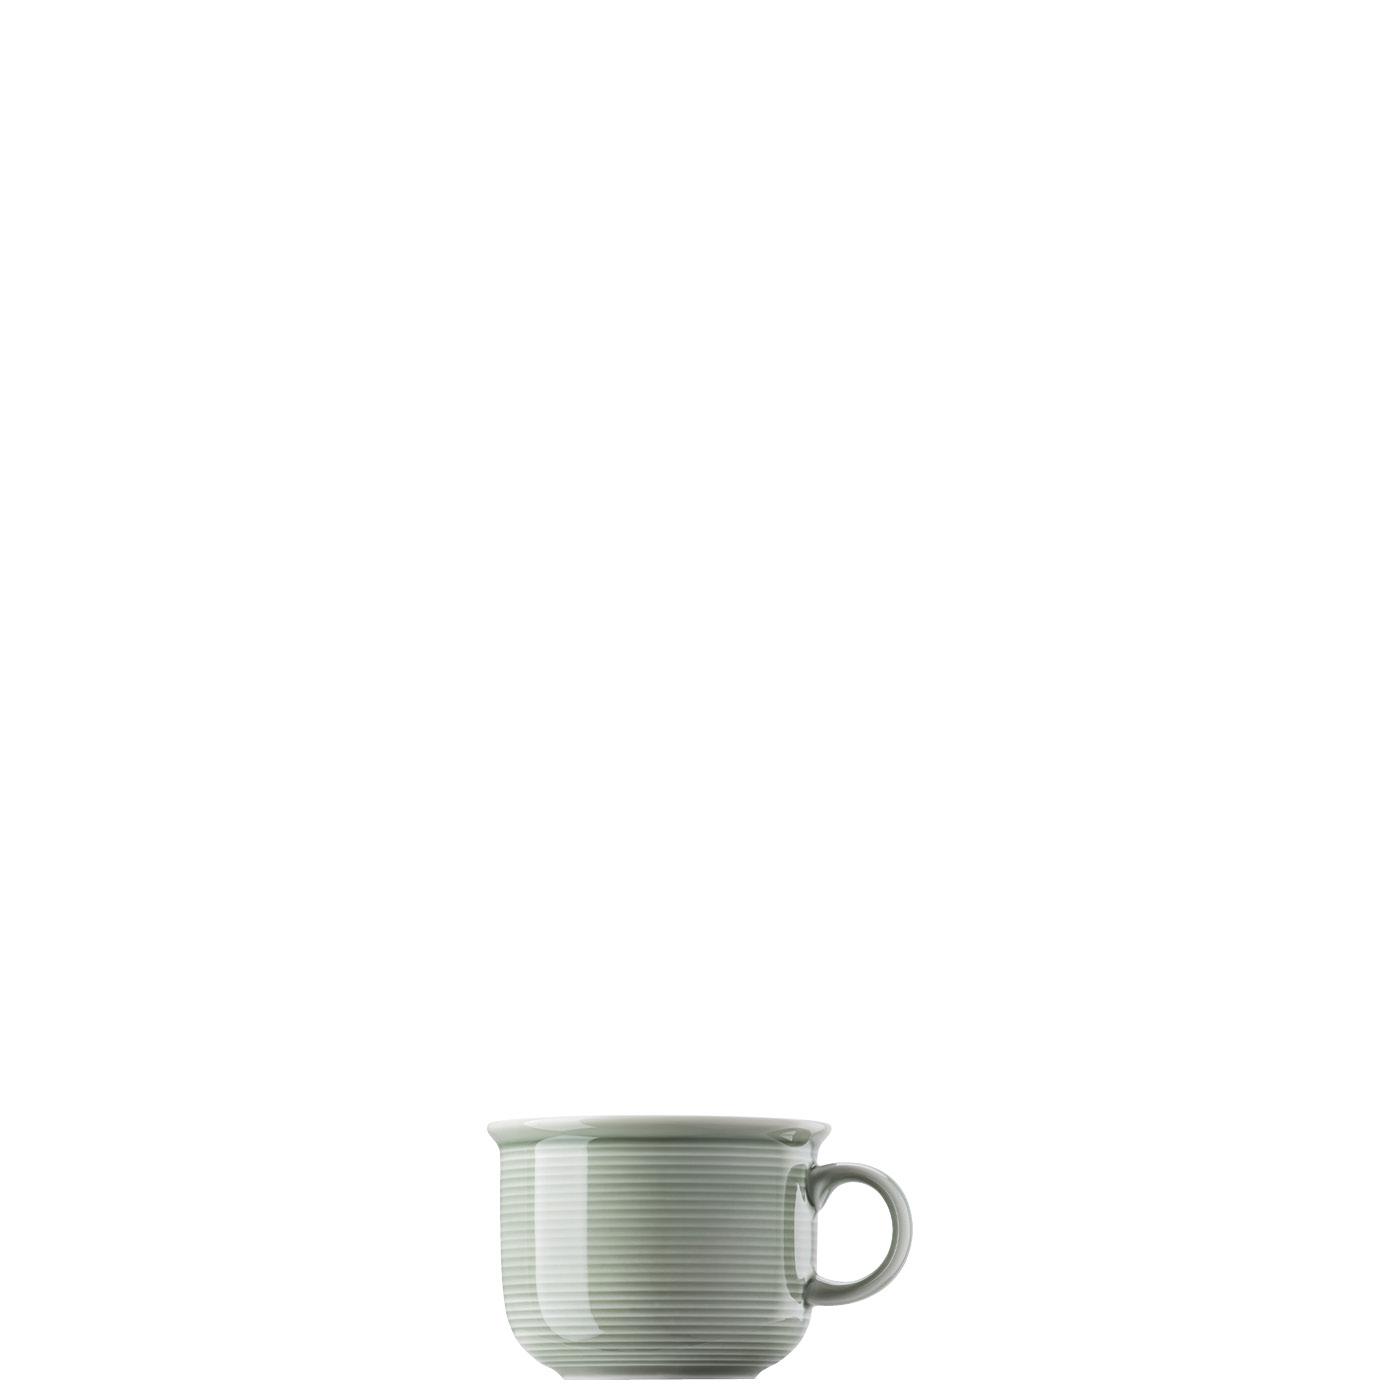 Kaffee-Obertasse Trend Colour Moss Green Thomas Porzellan